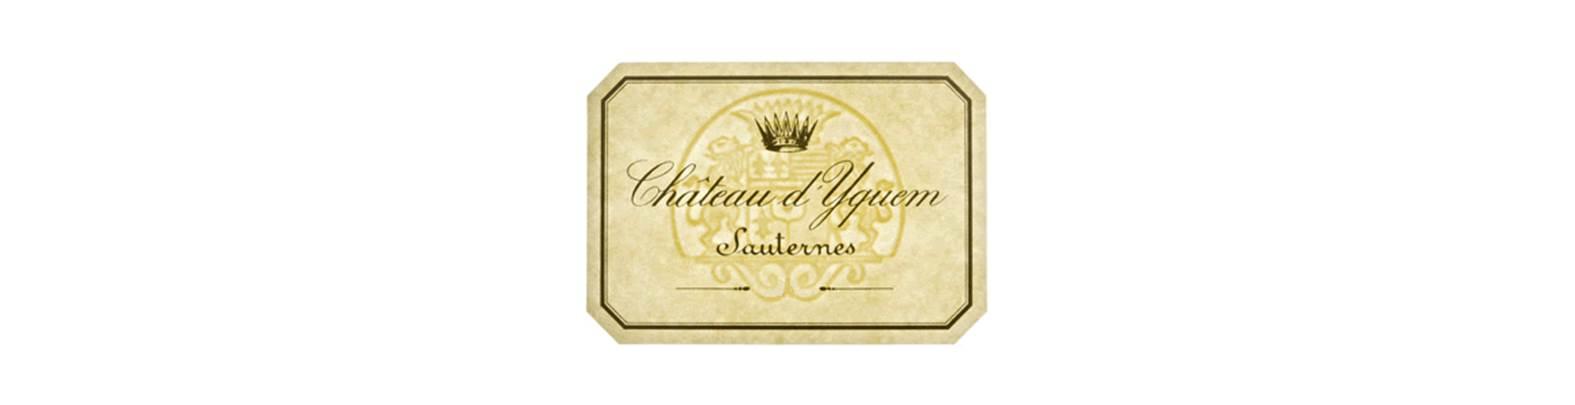 blog-du-vin.fr- Chateau  Yquem